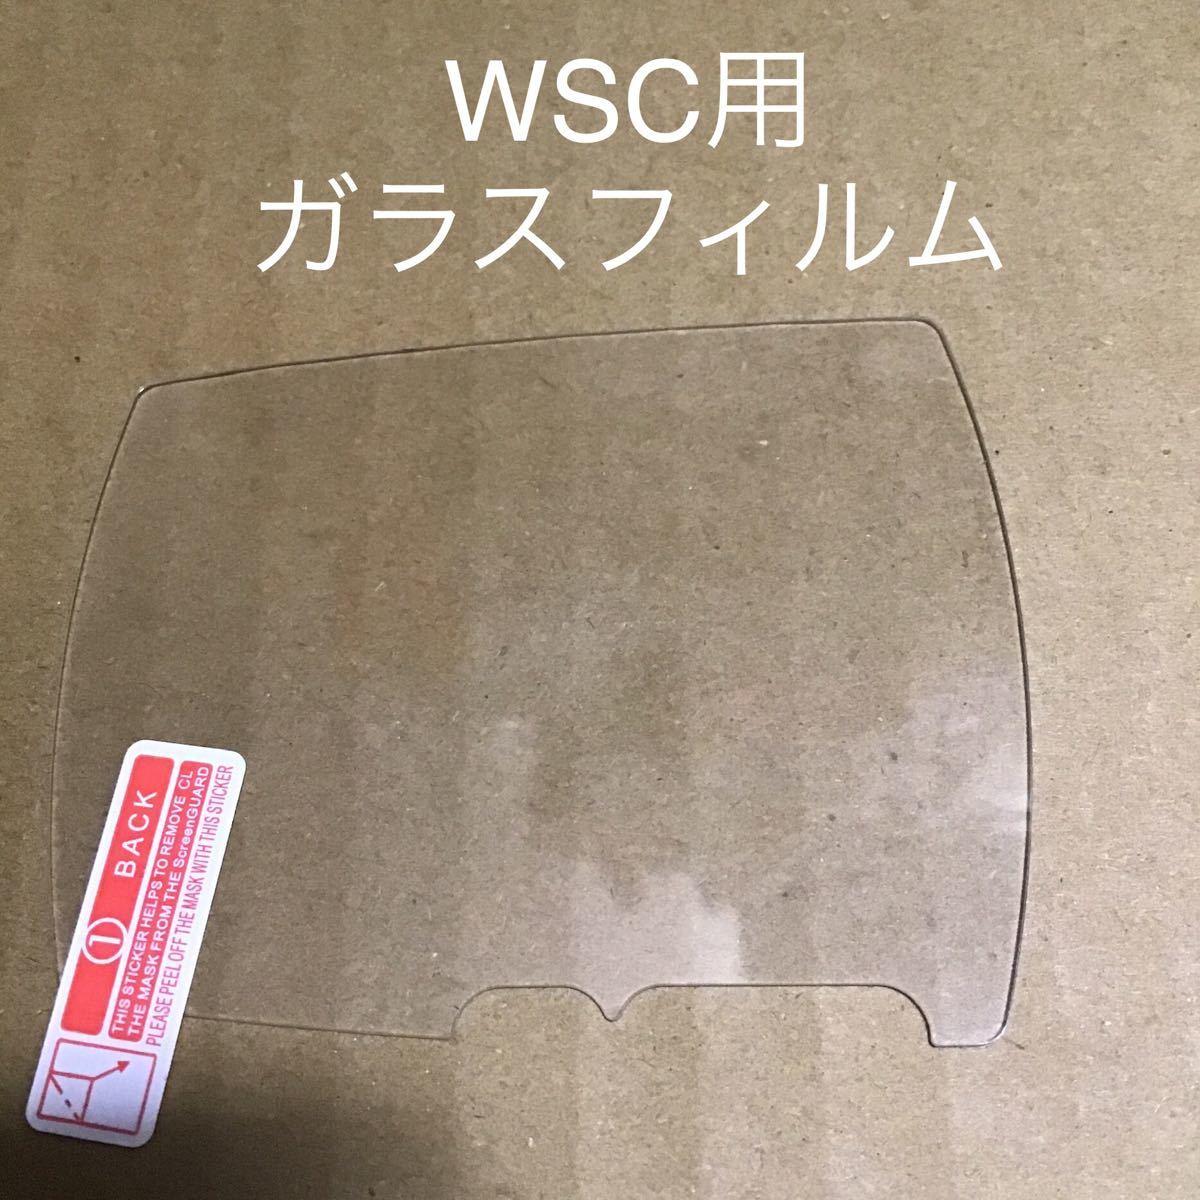 ワンダースワンカラー用液晶保護ガラスフィルム